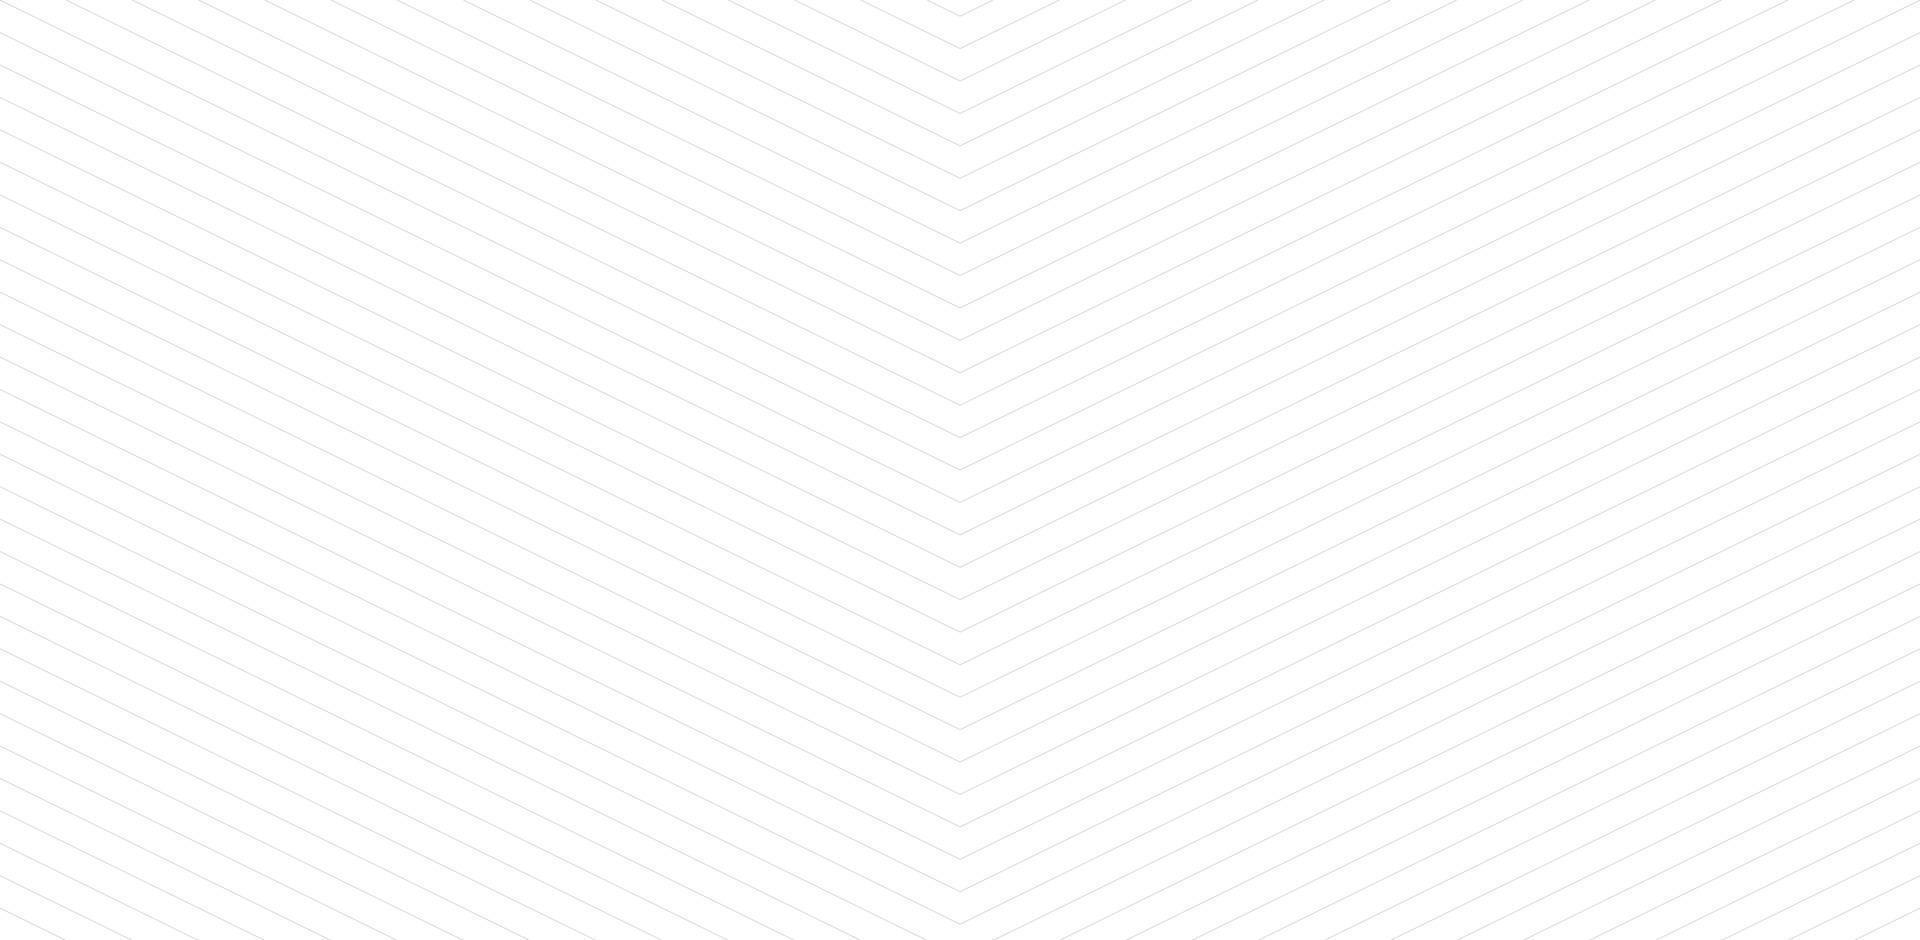 sfondo astratto, modello vettoriale per le tue idee, trama di linee monocromatiche. stile nuovo di zecca per il tuo design aziendale, modello vettoriale per le tue idee